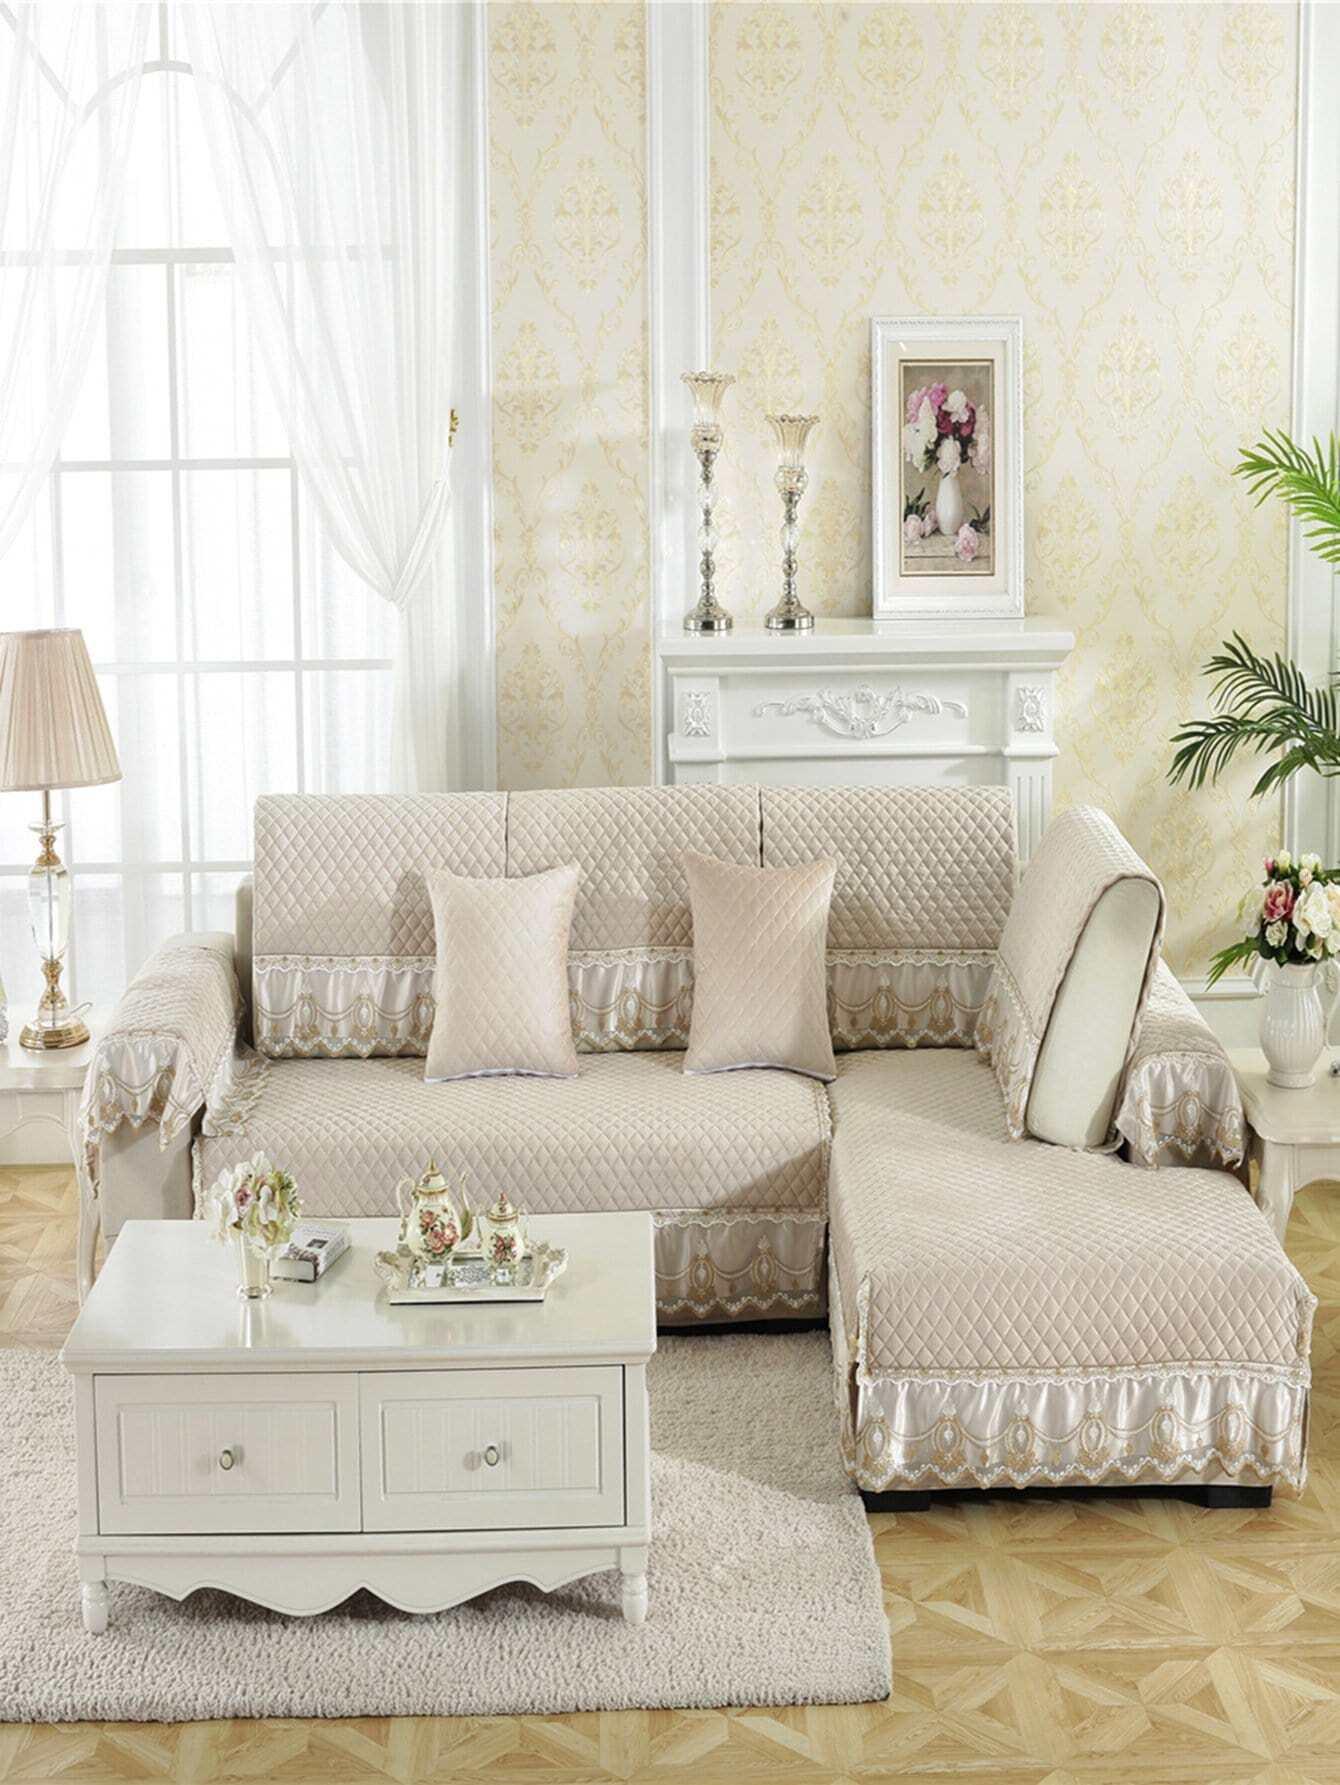 Купить Чехол для дивана с рельефными узорами и кружевными оборками 1 шт, null, SheIn